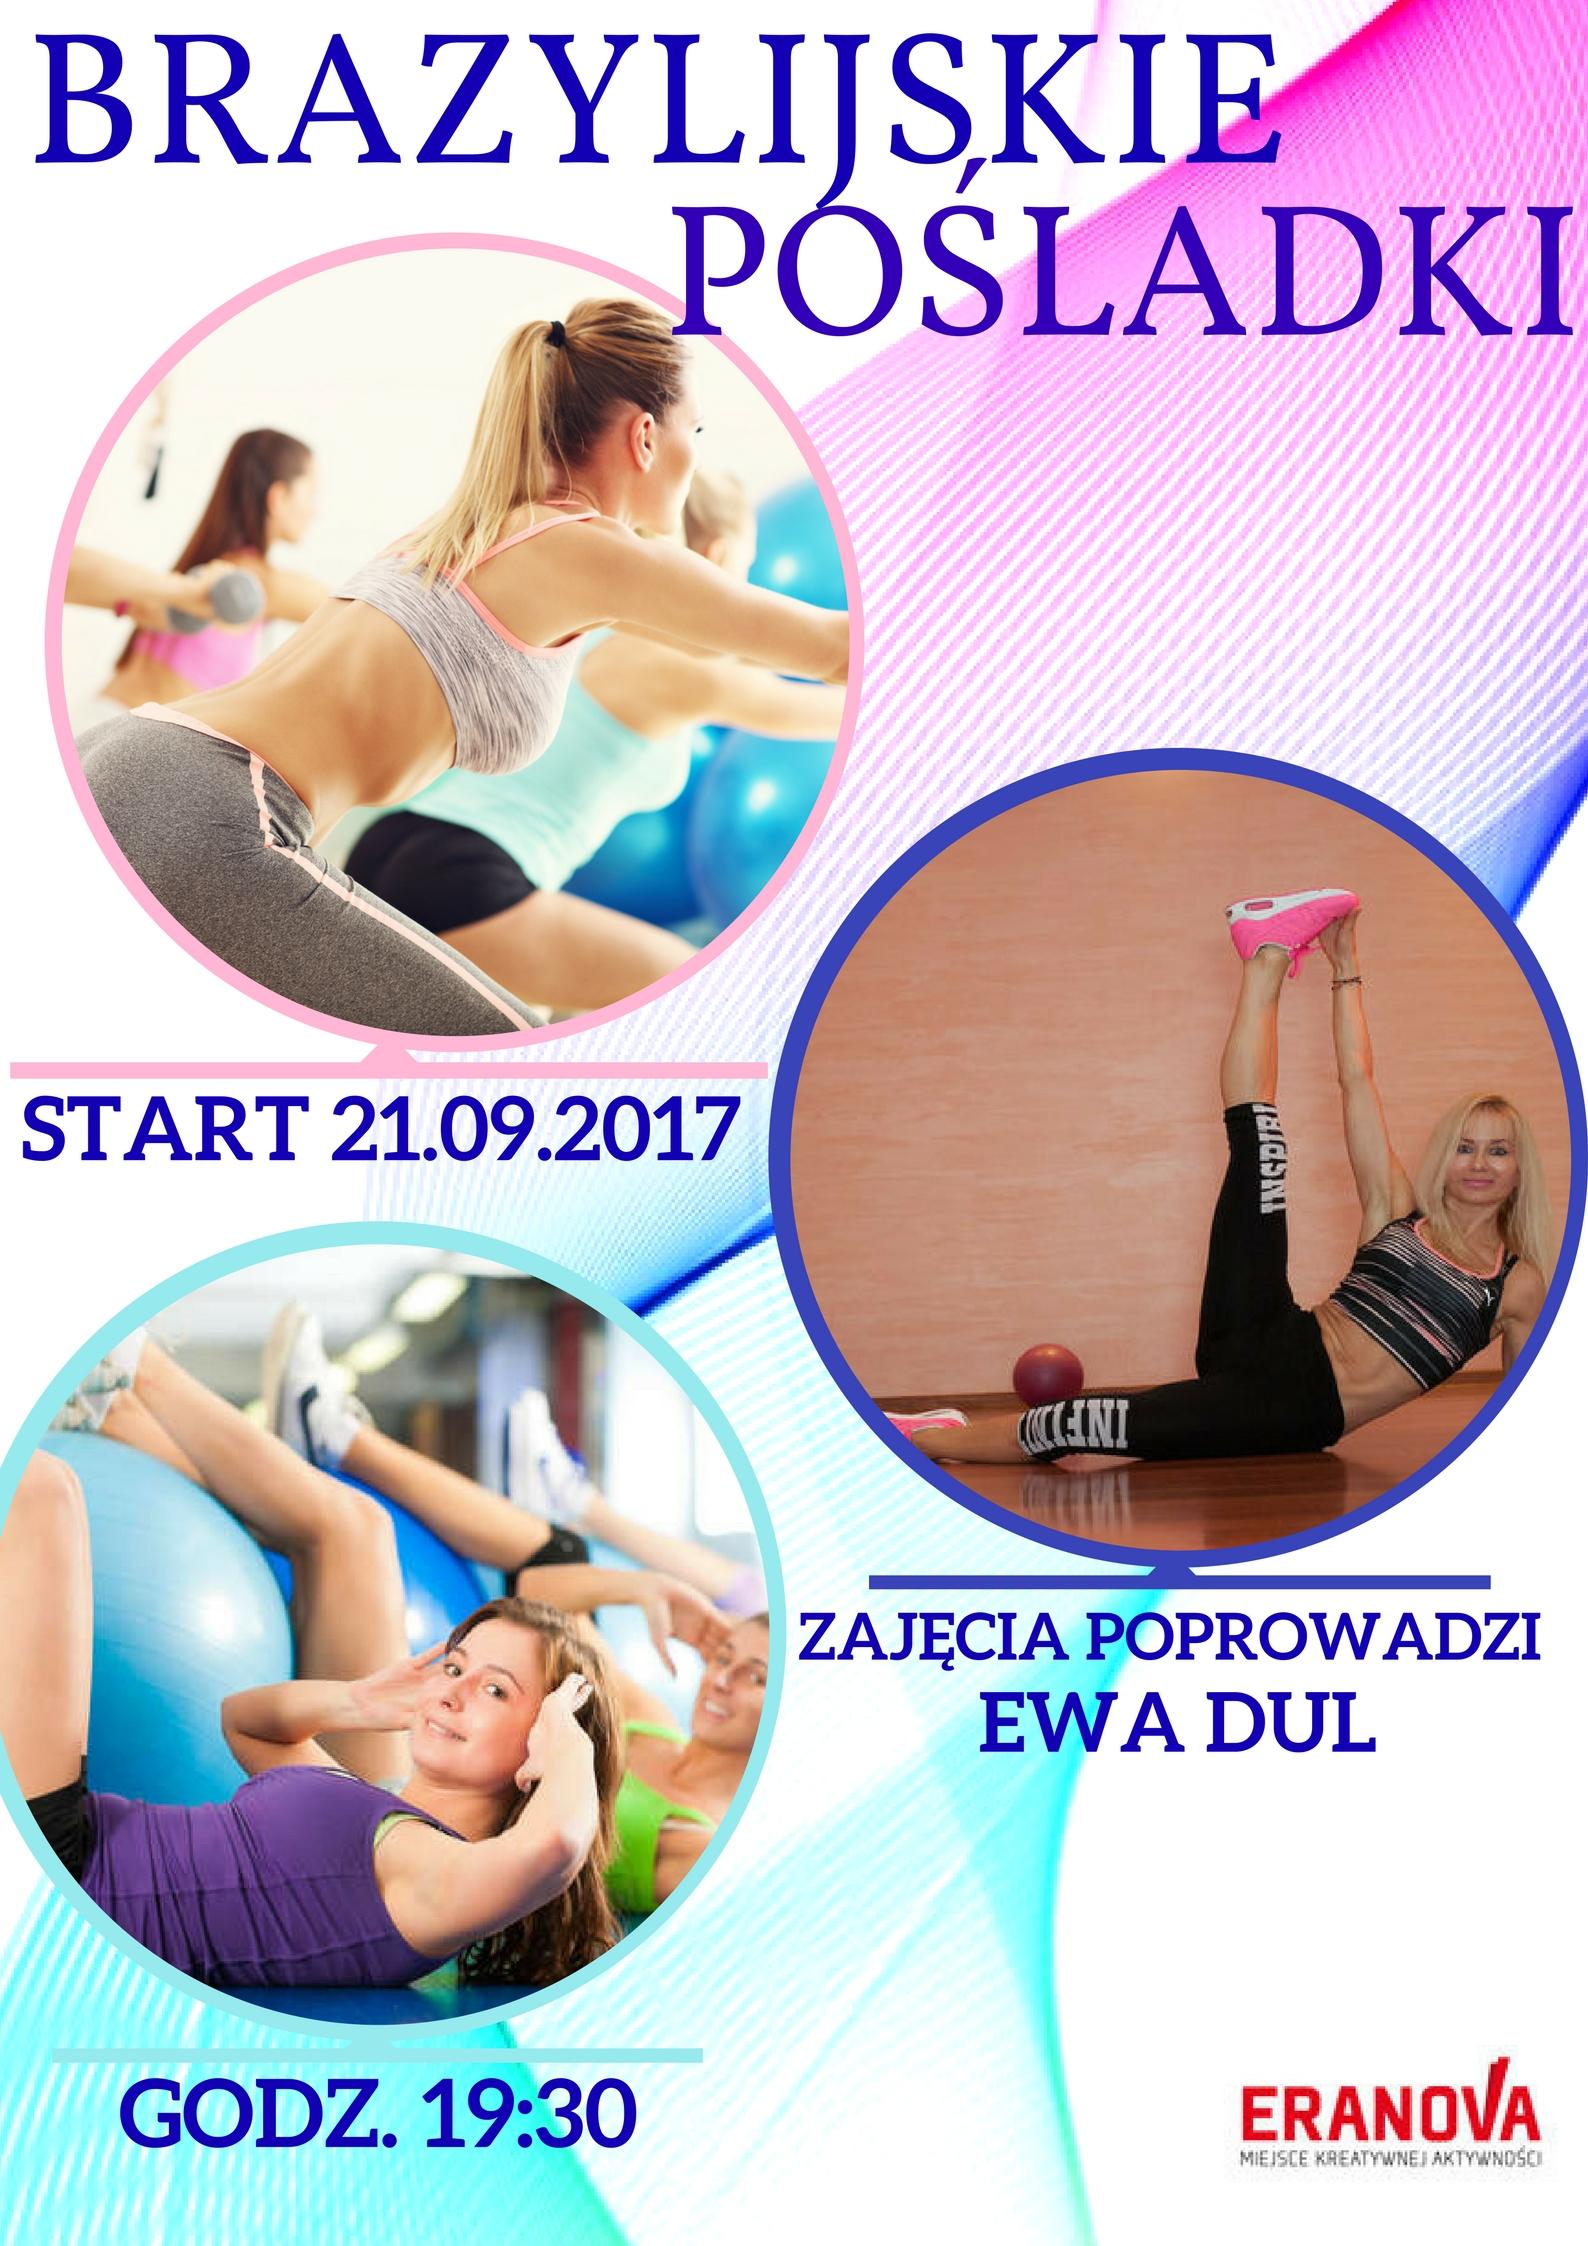 http://m.eranova.pl/2017/08/orig/start-21-09-2017-2420.jpg